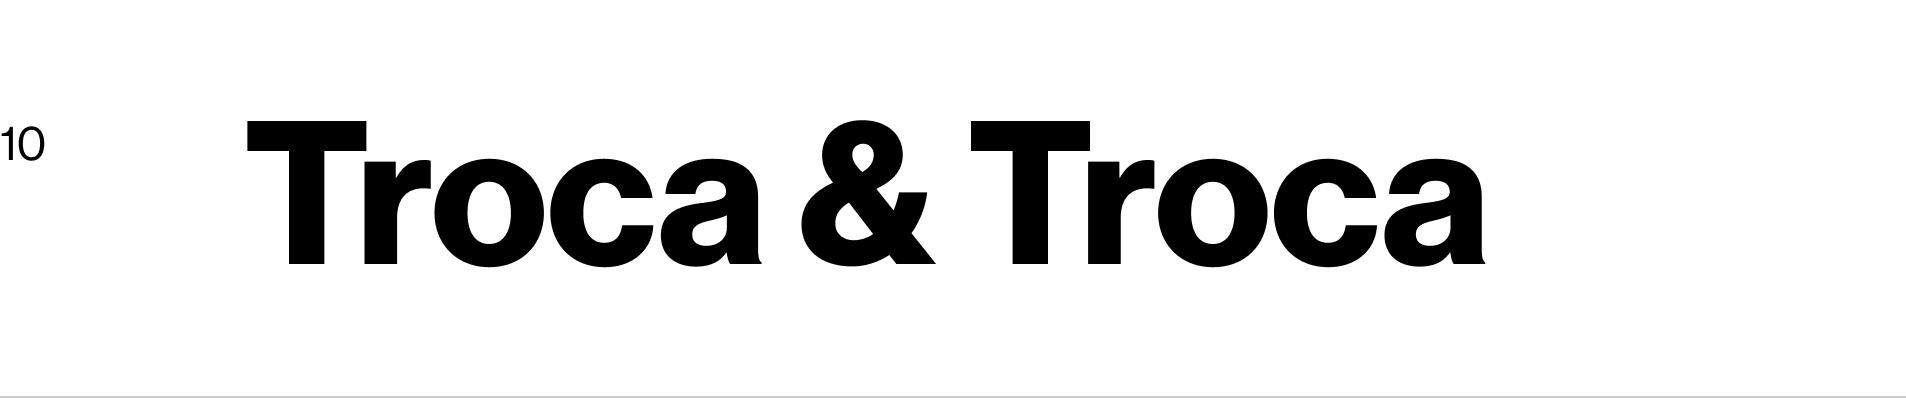 Troca & Troca